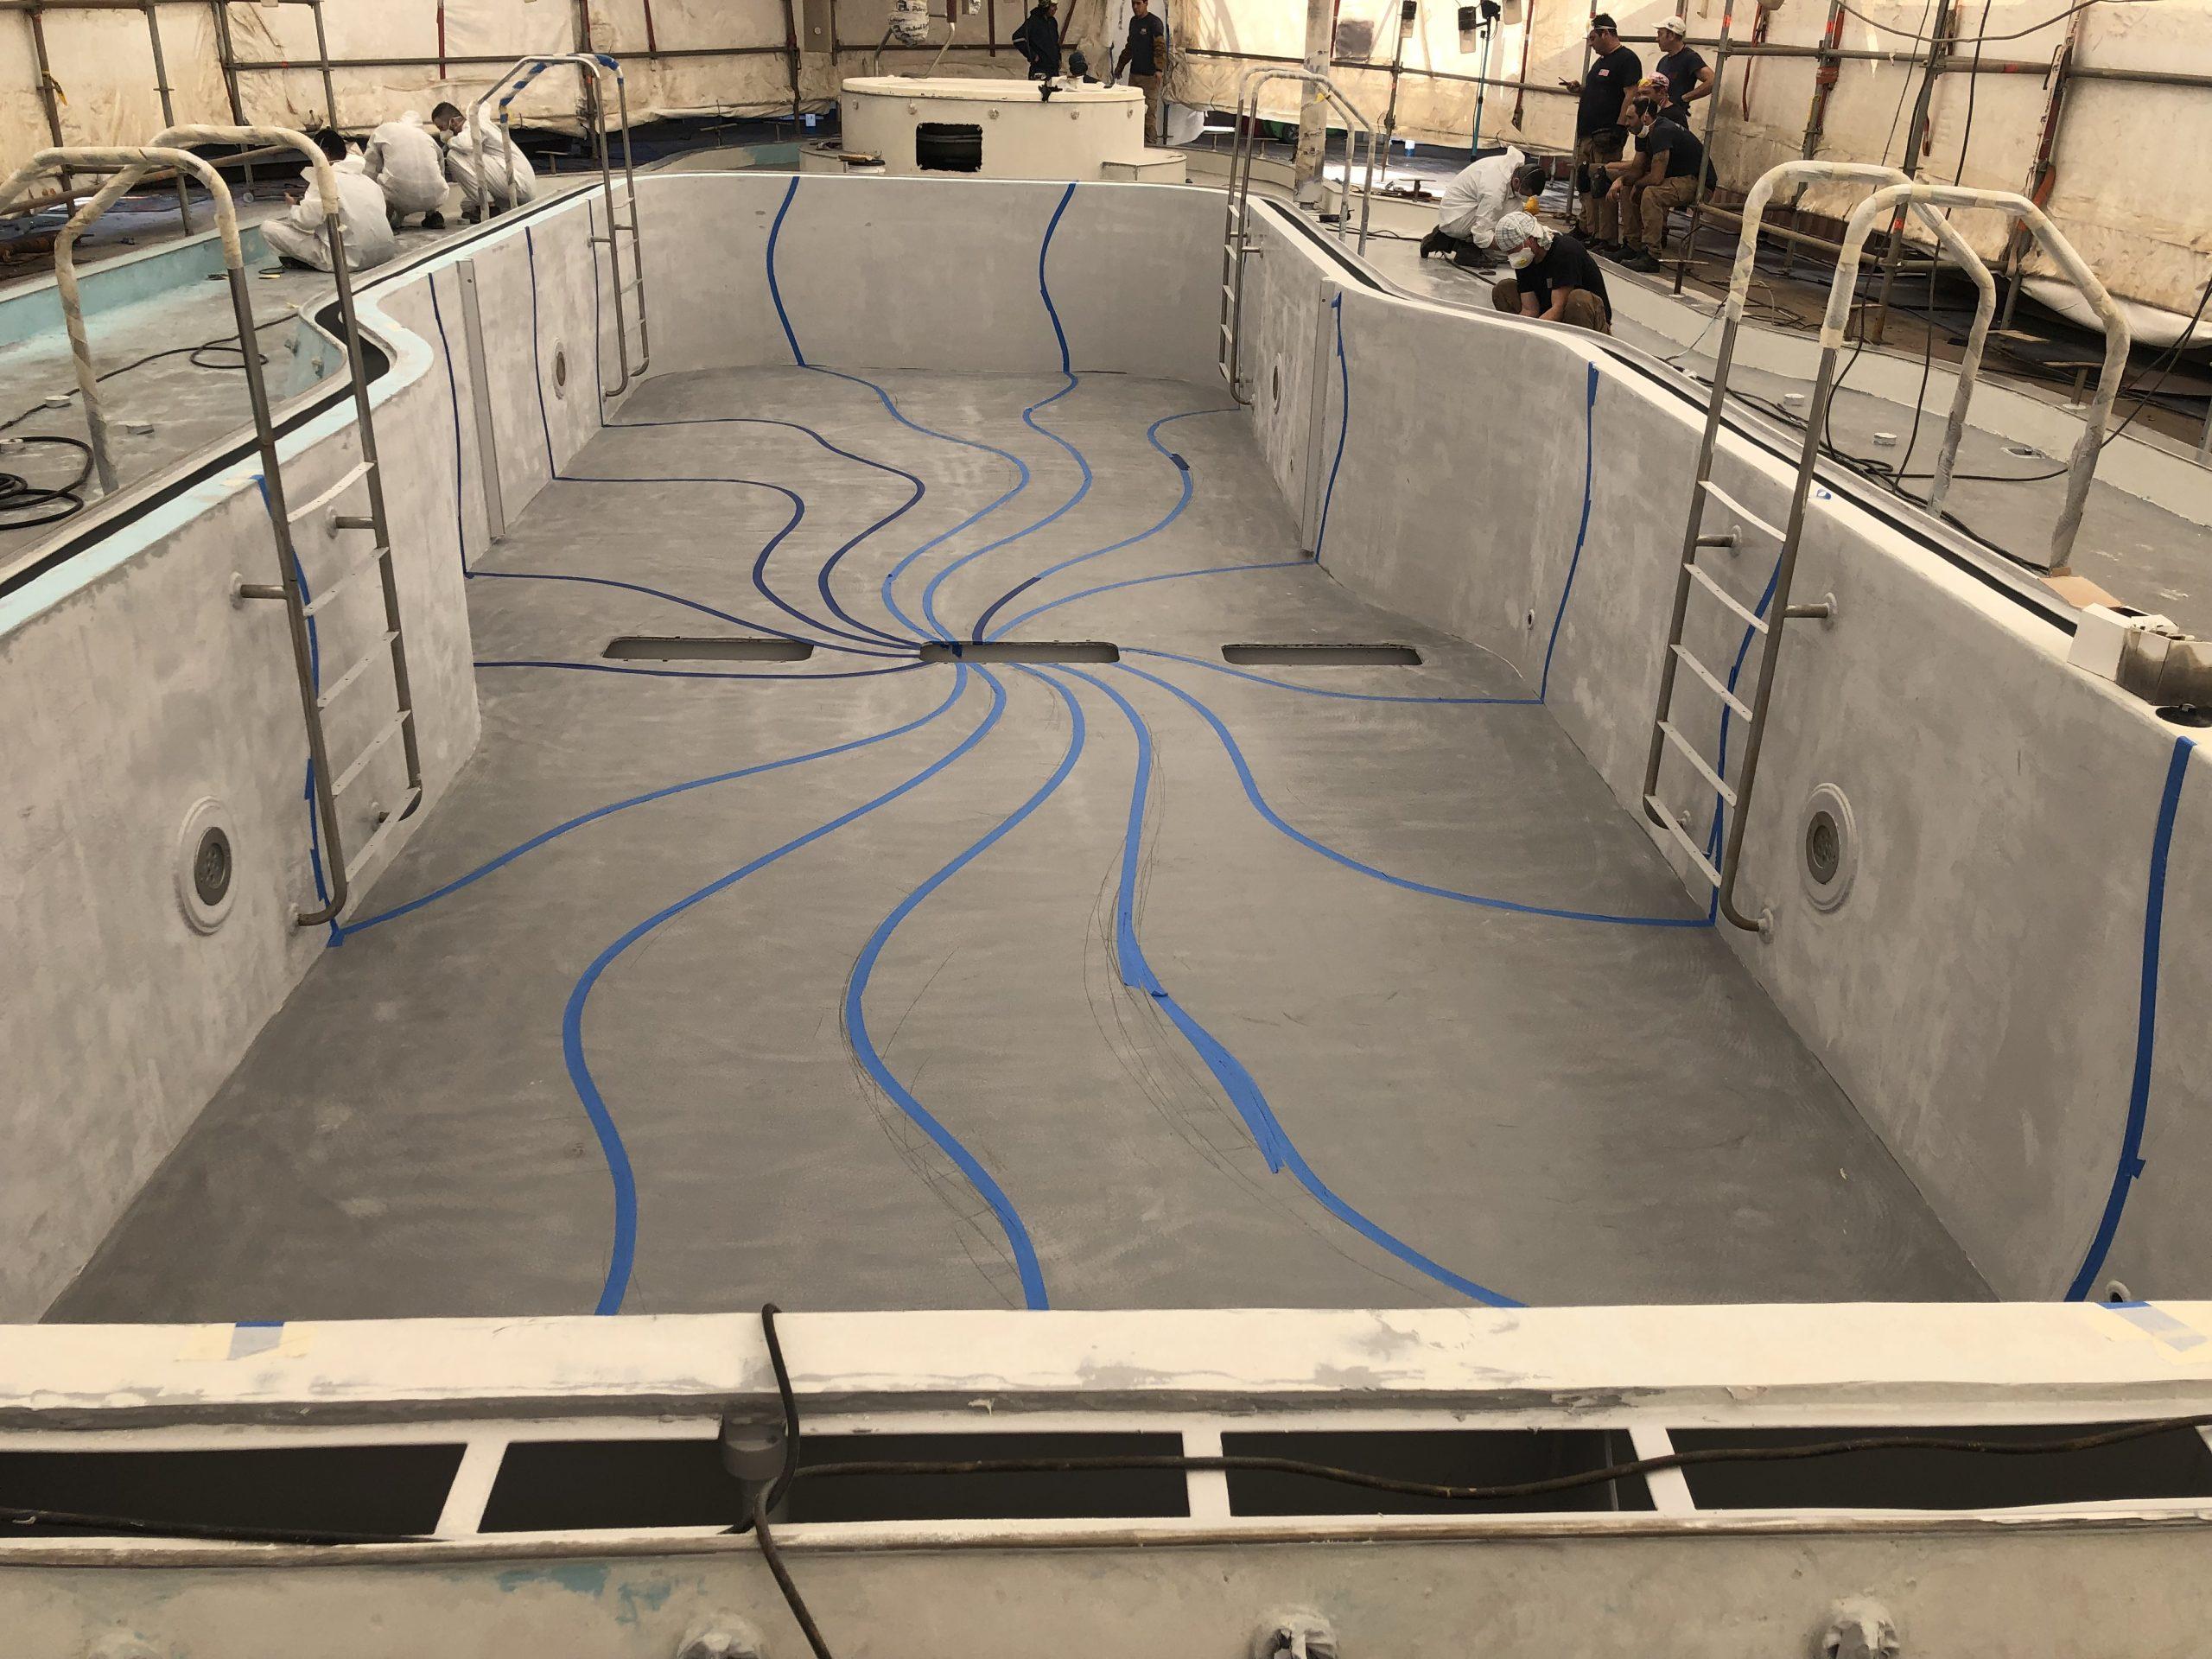 Carnival cruise Fantasy diego bormida artist pool chemco design epoxy resin precetti (8)